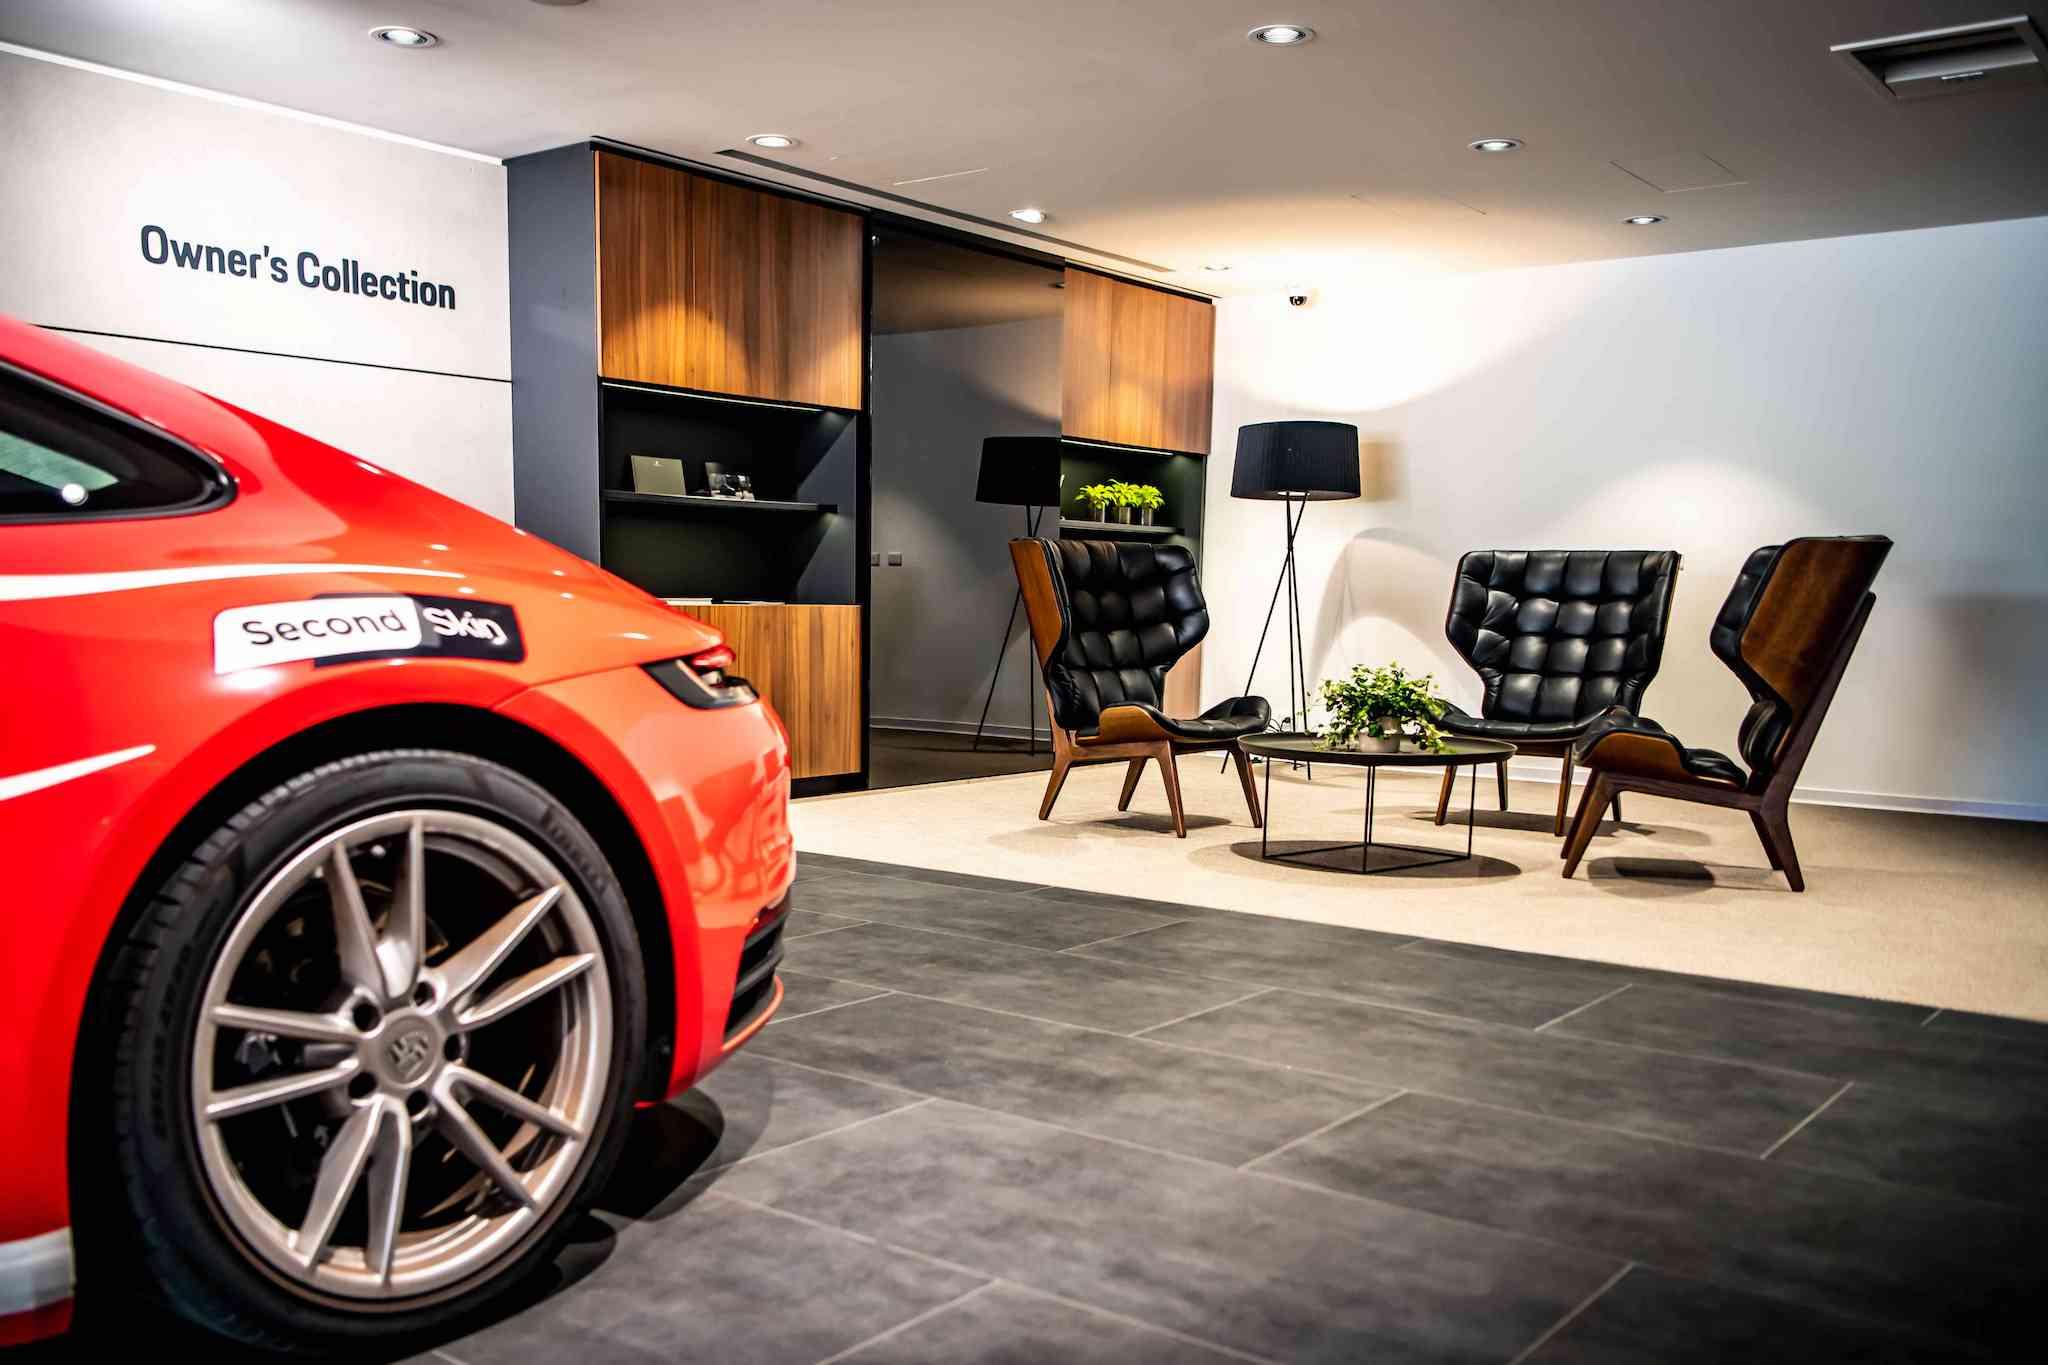 全新台北保時捷中心特別規劃專屬交車區域「Owner's Collection」,依據不同車款安排兩種不同風格的獨特交車空間。